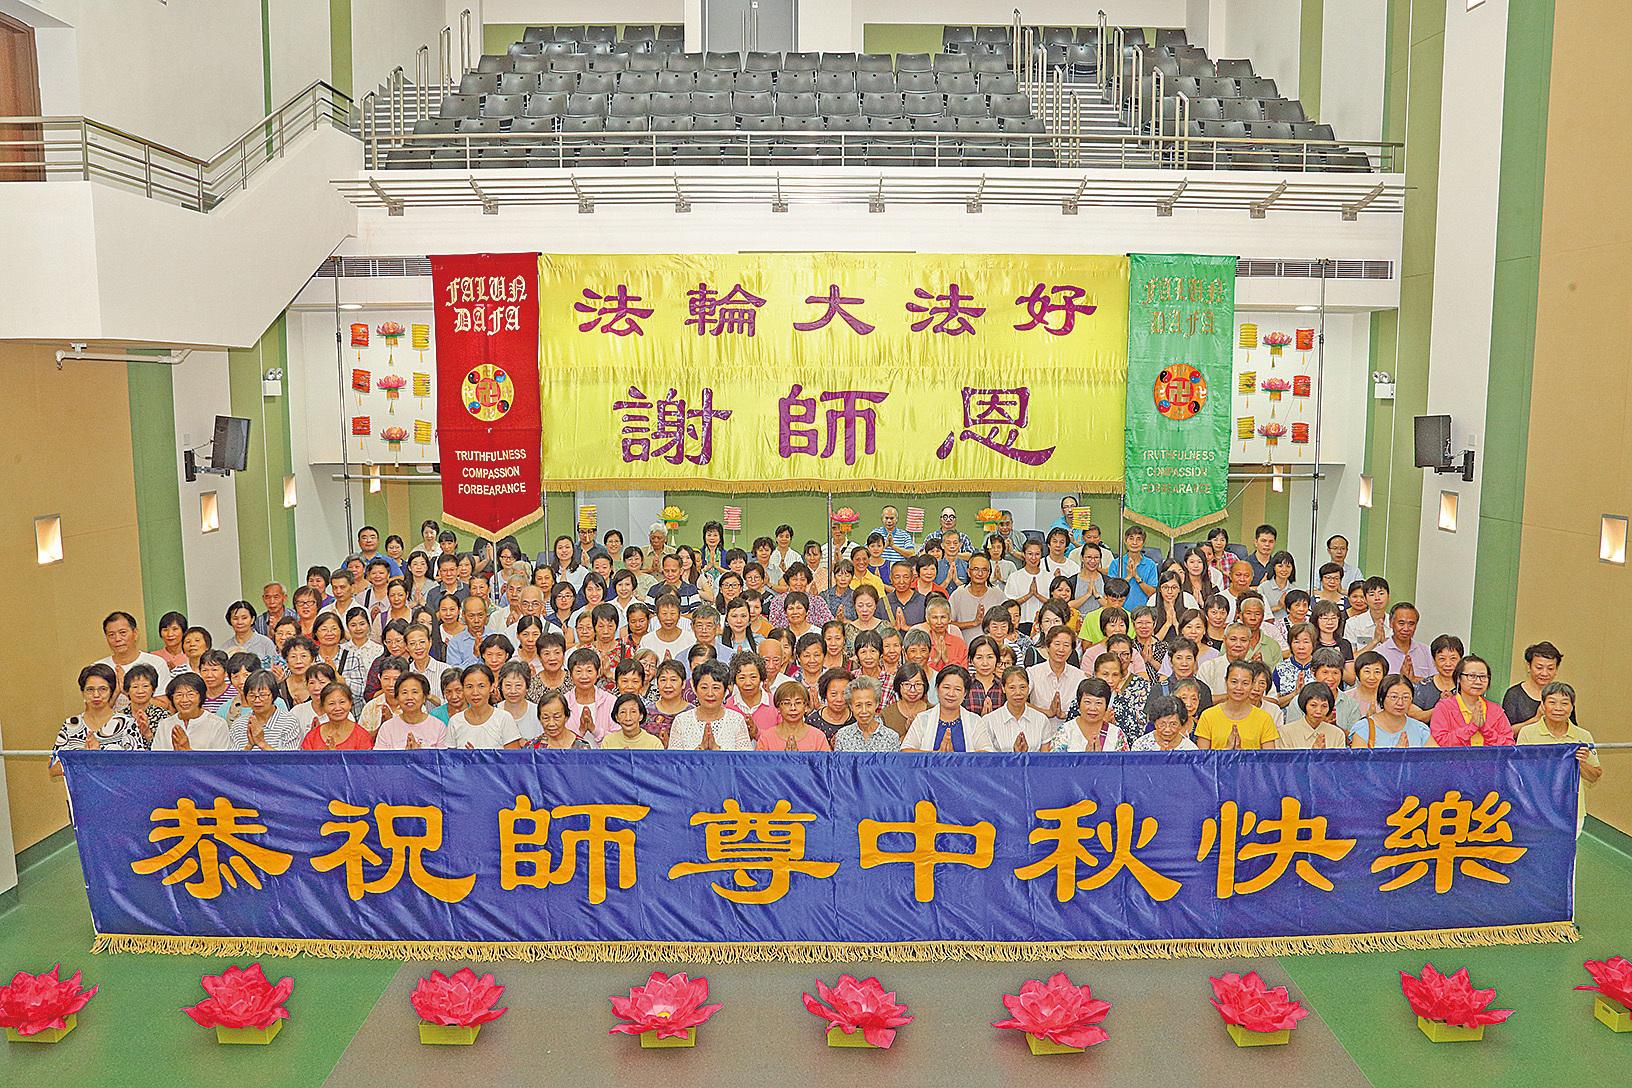 2018年9月15日,香港法輪功學員舉辦祝賀活動,恭祝法輪功創始人李洪志大師中秋快樂。(李逸/大紀元)